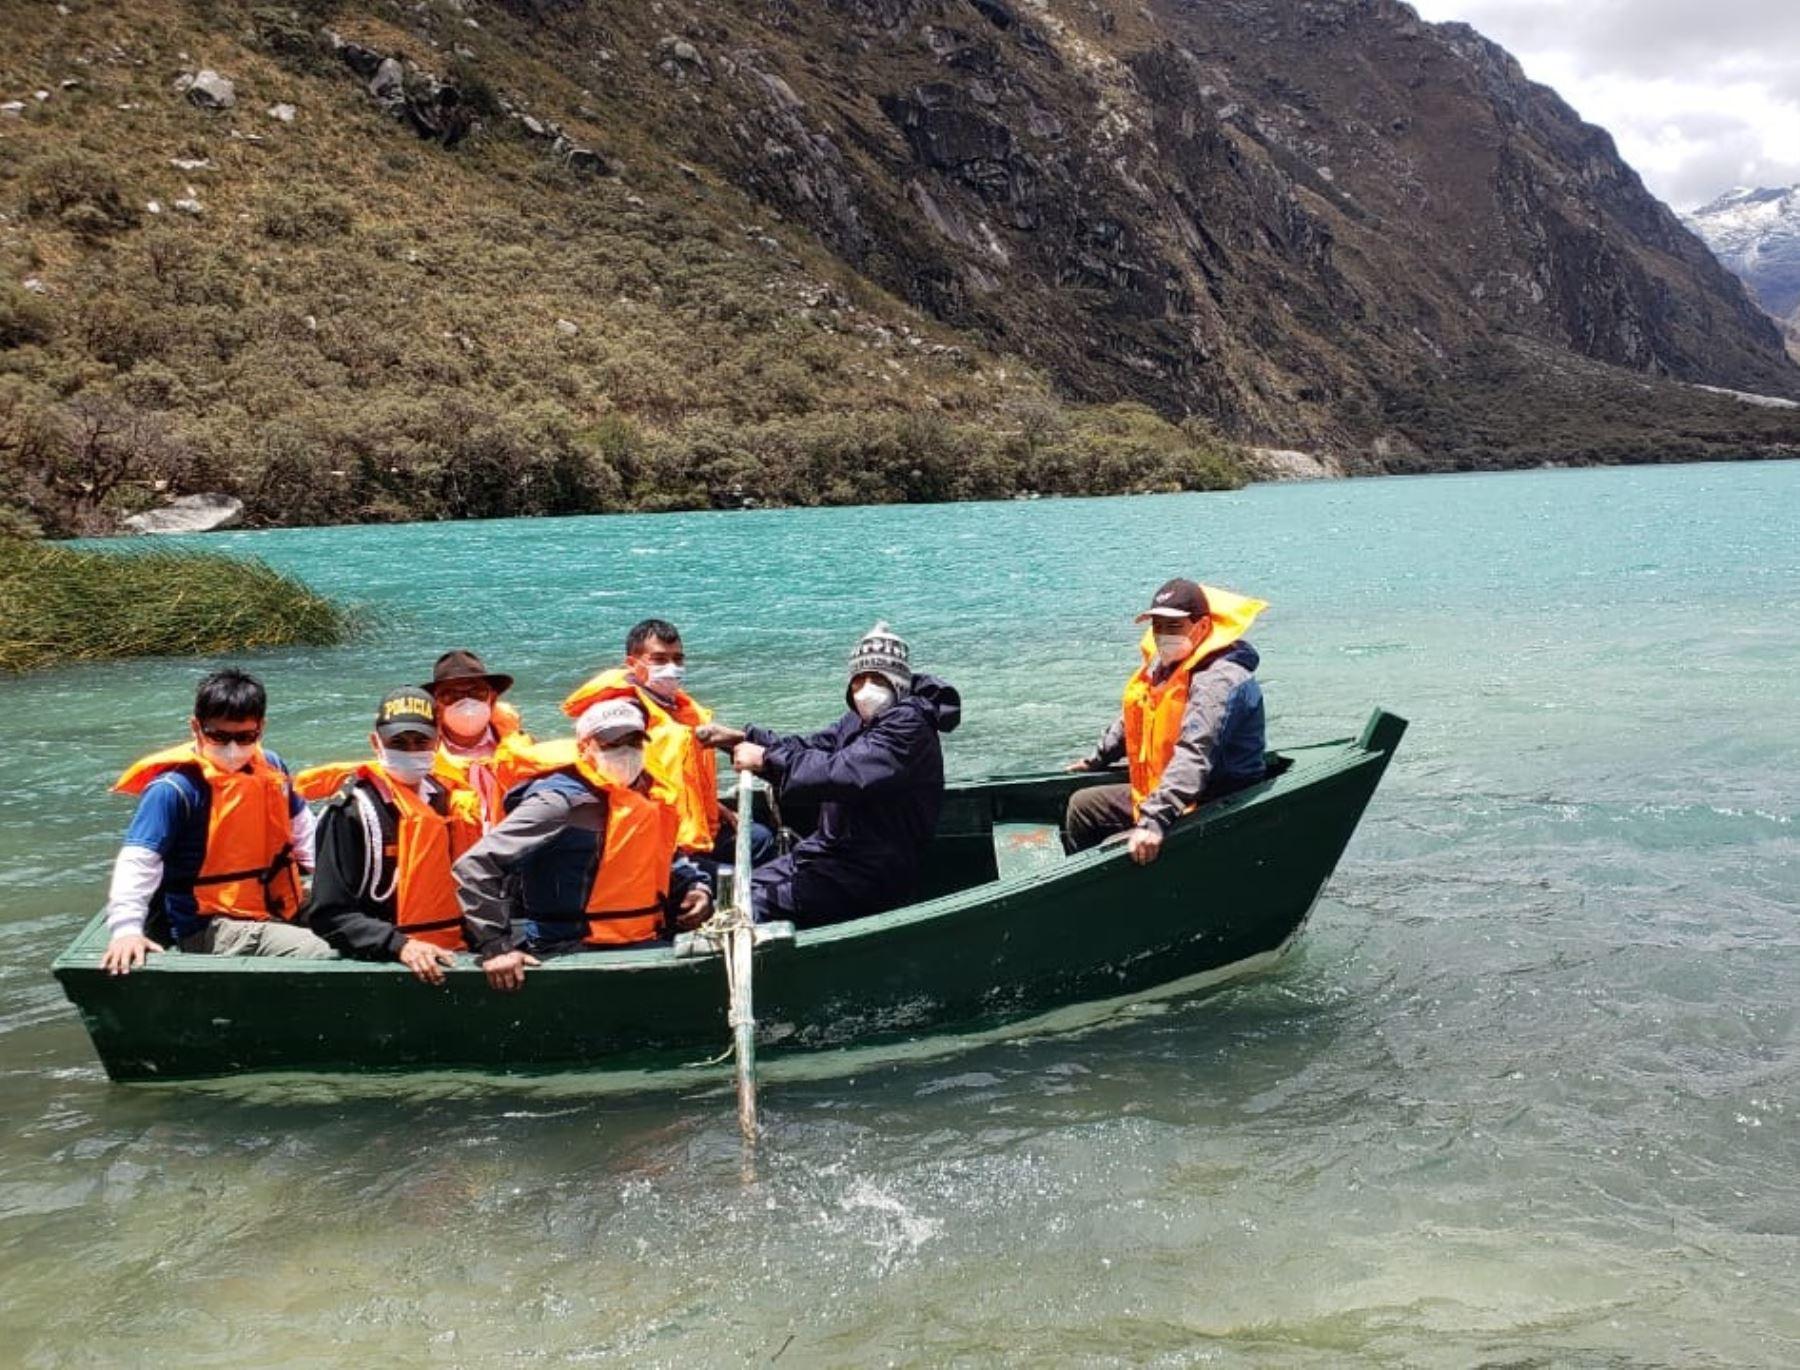 Más de 1,000 personas visitaron el Parque Nacional Huascarán en la primera semana de reapertura de este importante destino turístico de Áncash. ANDINA/Difusión